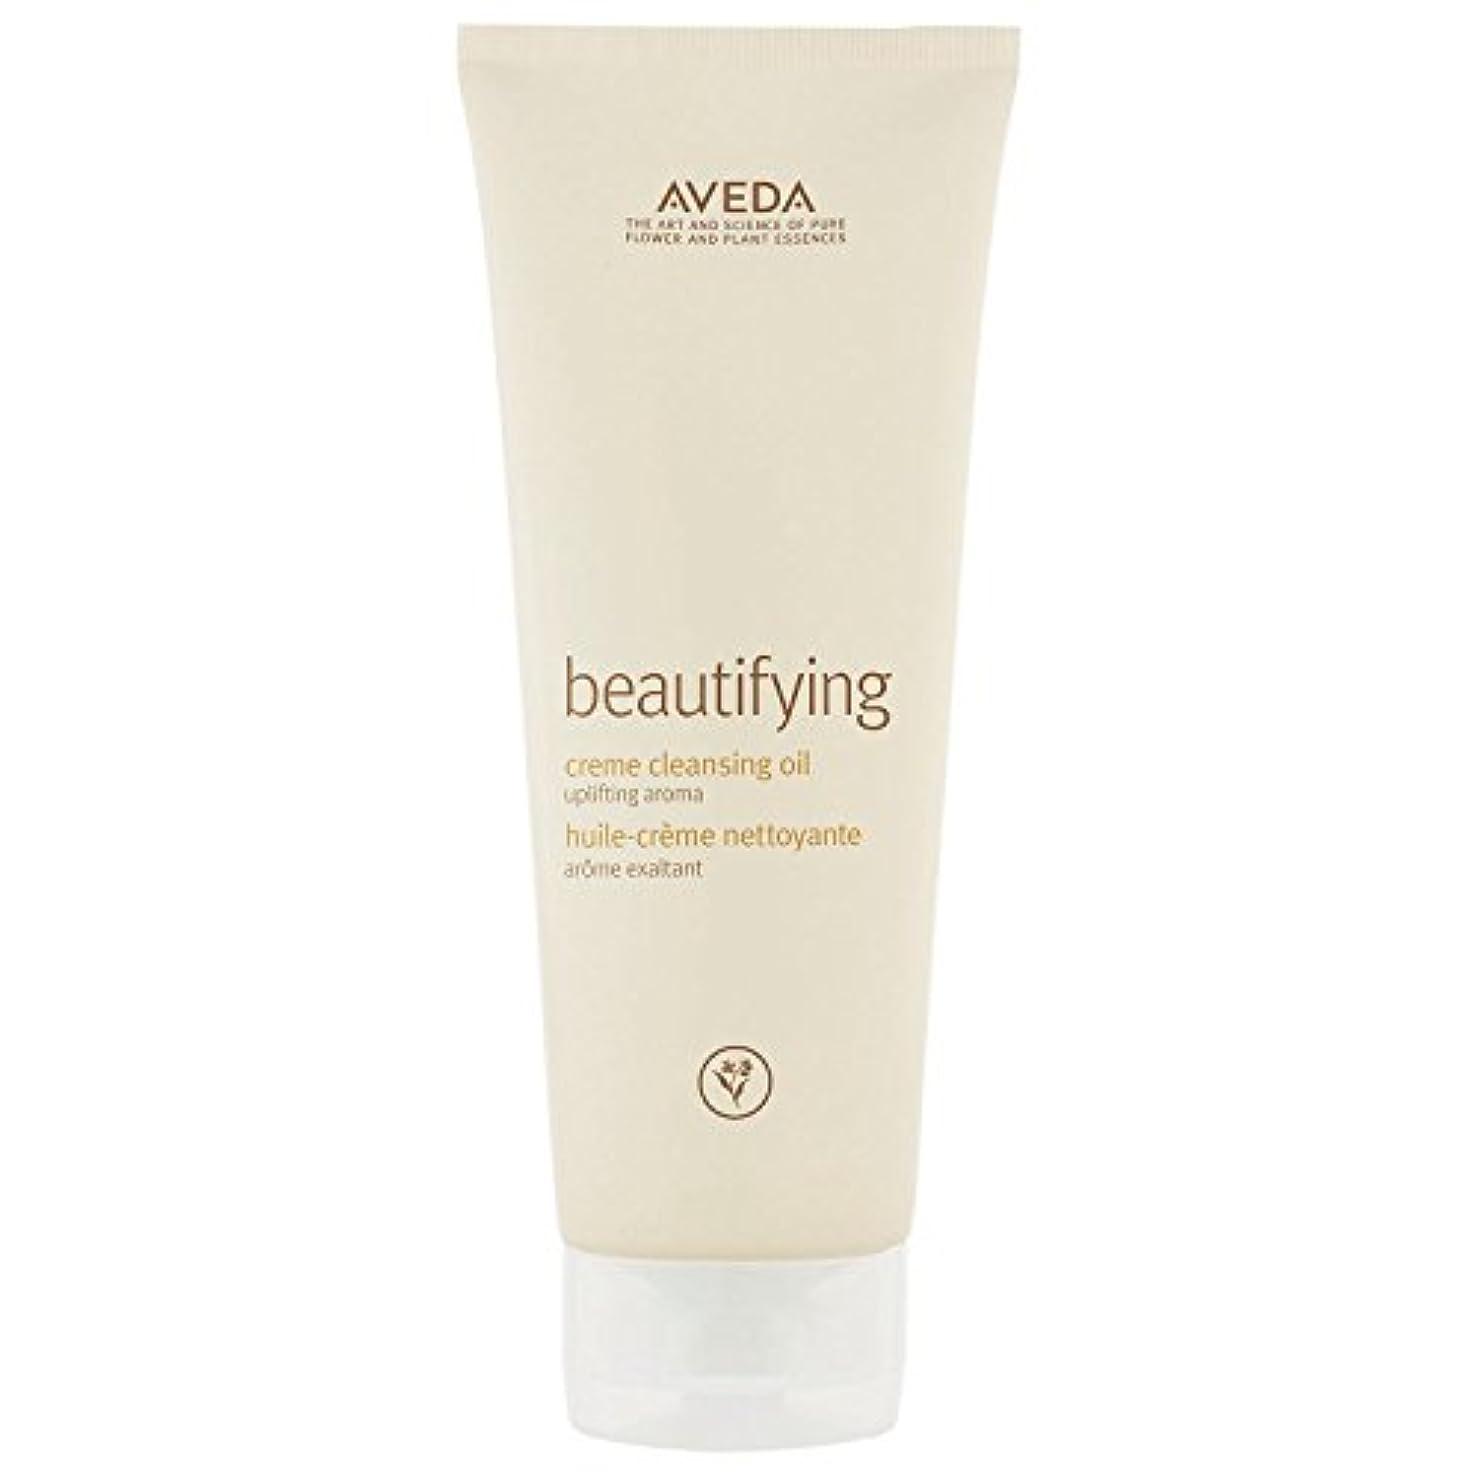 関数雄大なマネージャー[AVEDA] アヴェダクリームボディクレンザーオイル200ミリリットルを美化 - Aveda Beautifying Cream Body Cleanser Oil 200ml [並行輸入品]